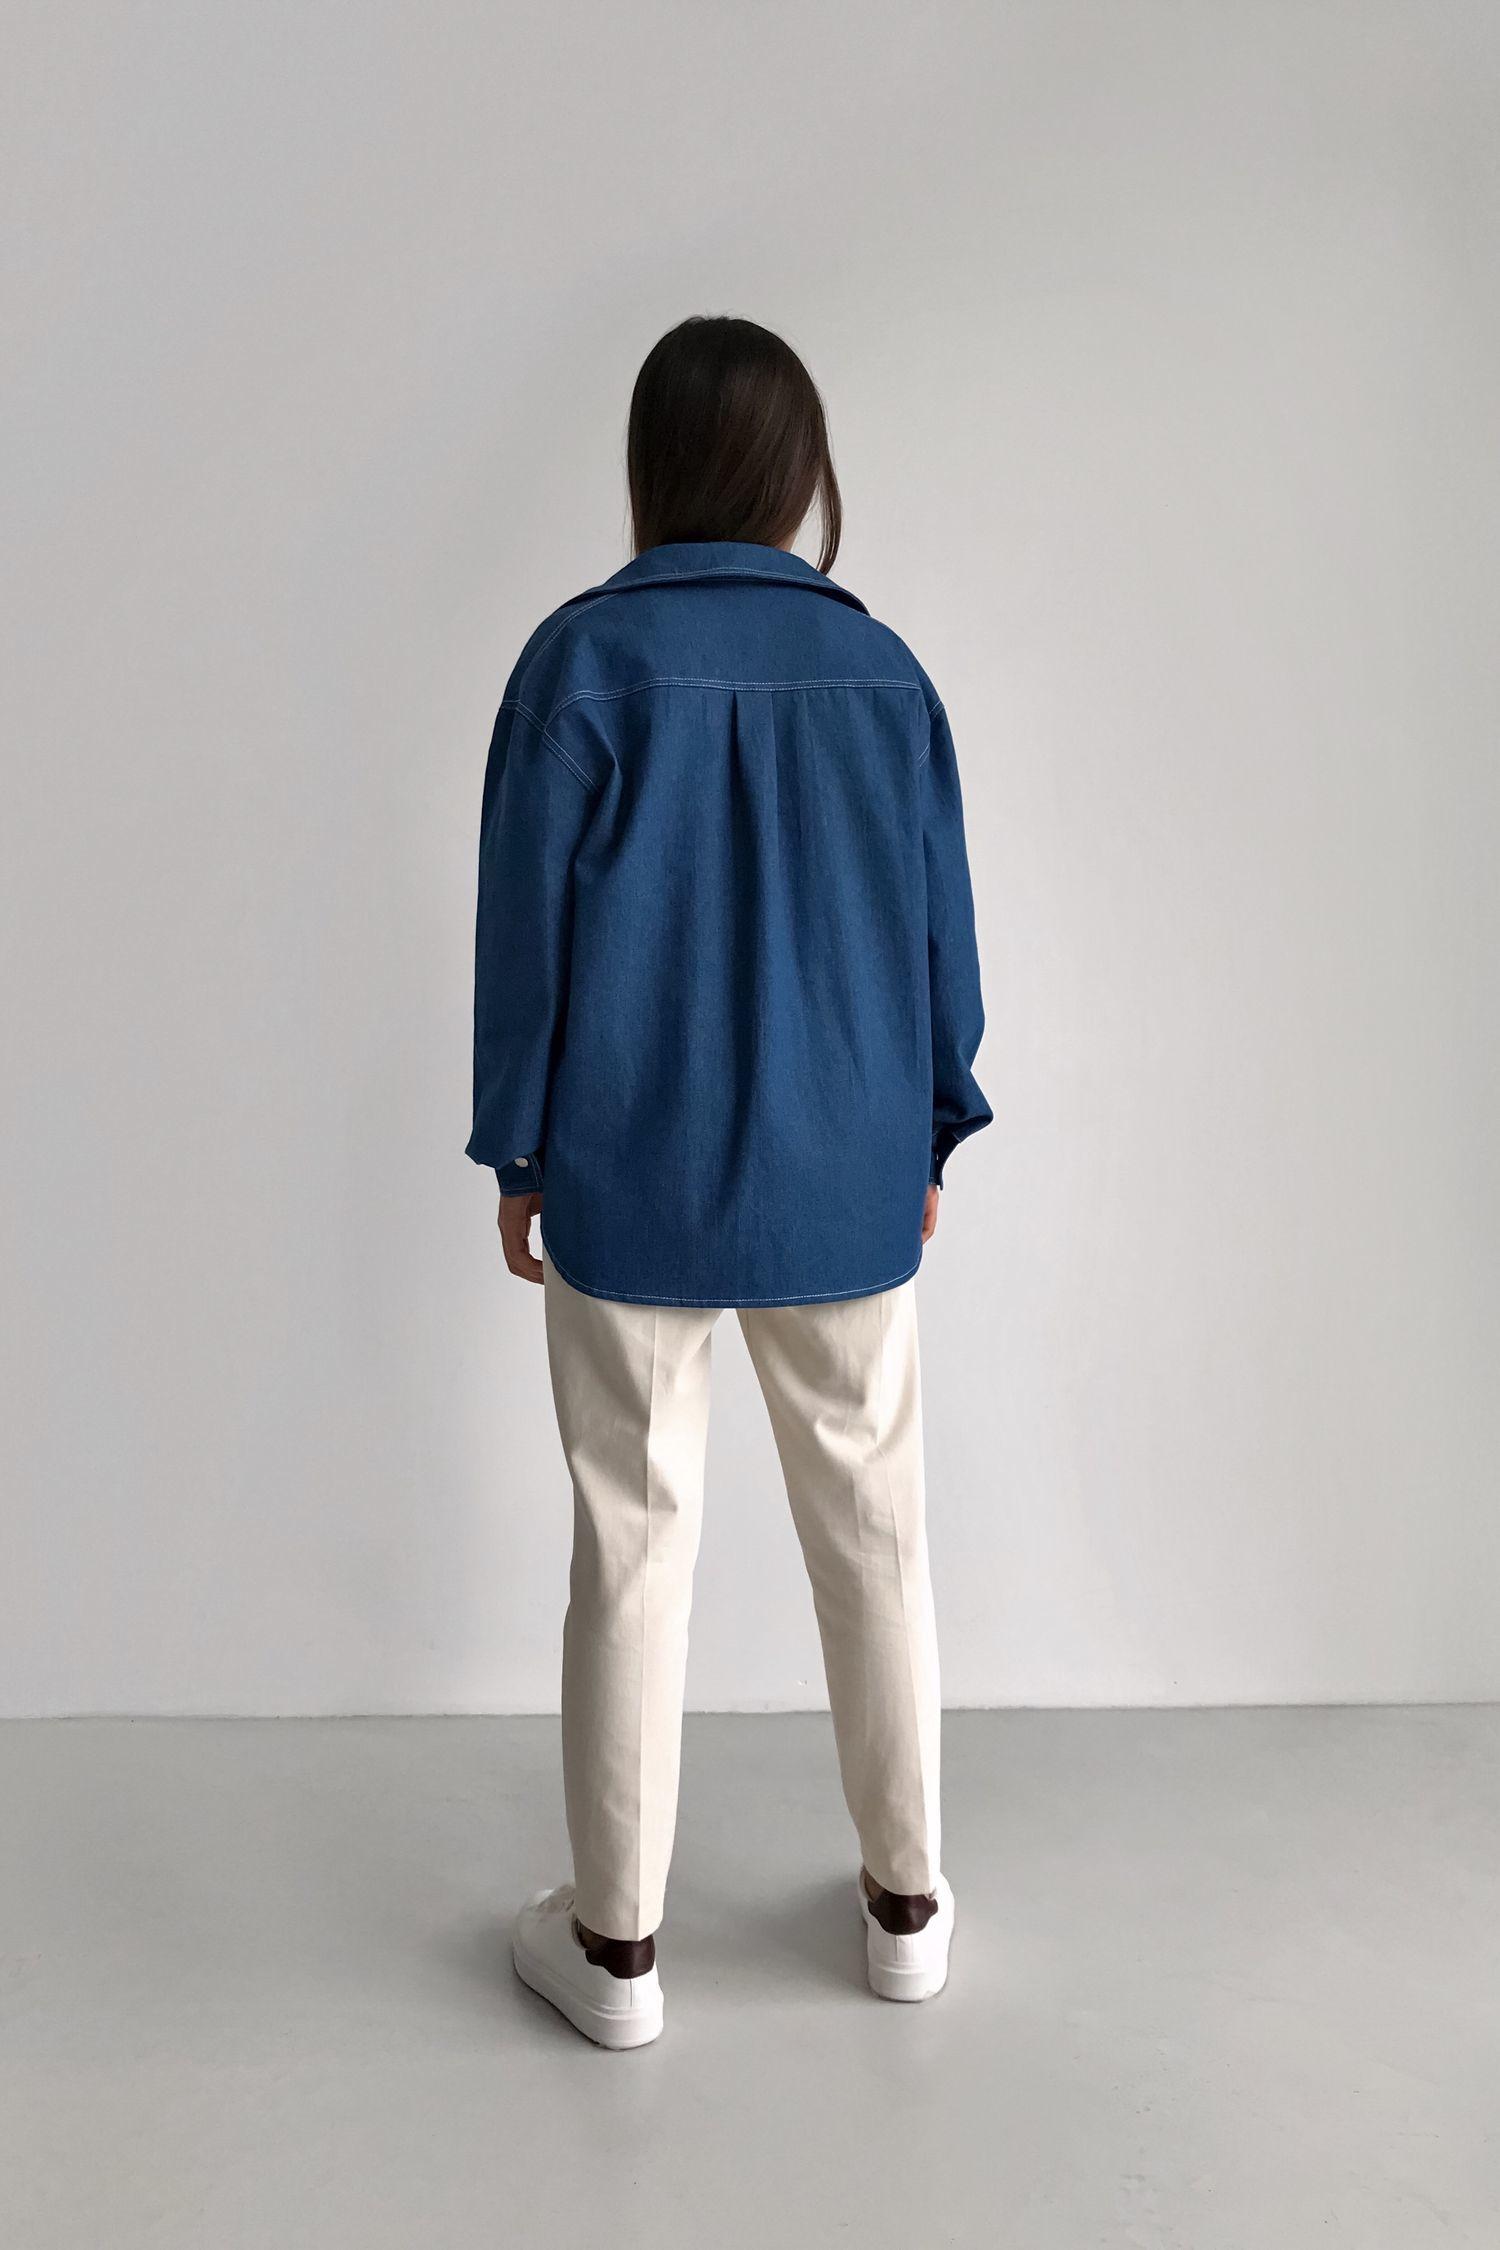 Рубашка из денима темная - THE LACE